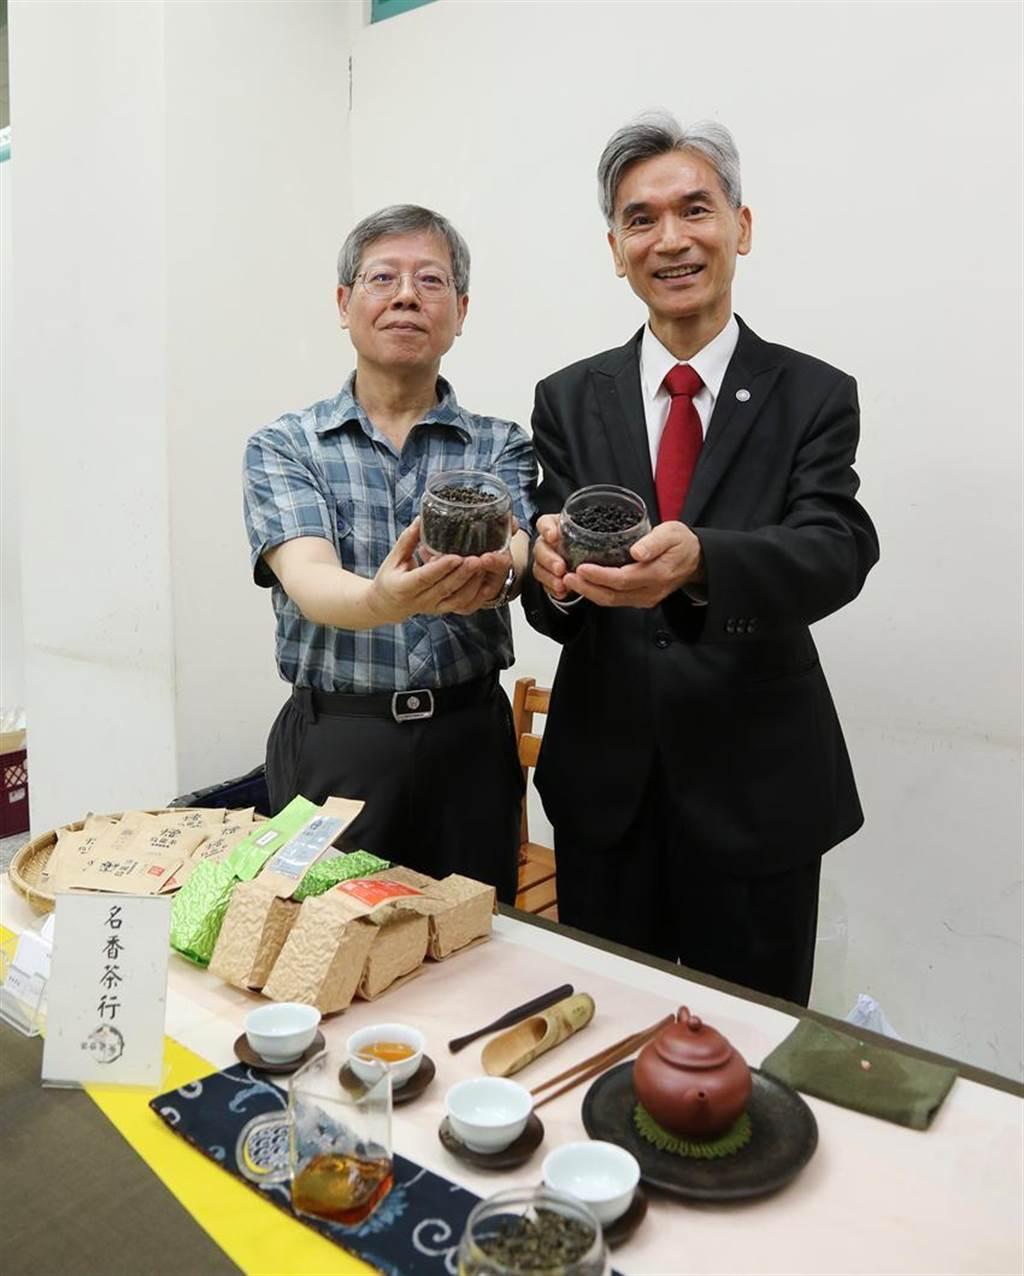 (中興大學校長薛富盛(右)24日和該校生物科技學研究所曾志正教授(左)共同發表「四季春」茶葉中,含有「茶飢素」(teaghrelin)成分。圖:興大提供)